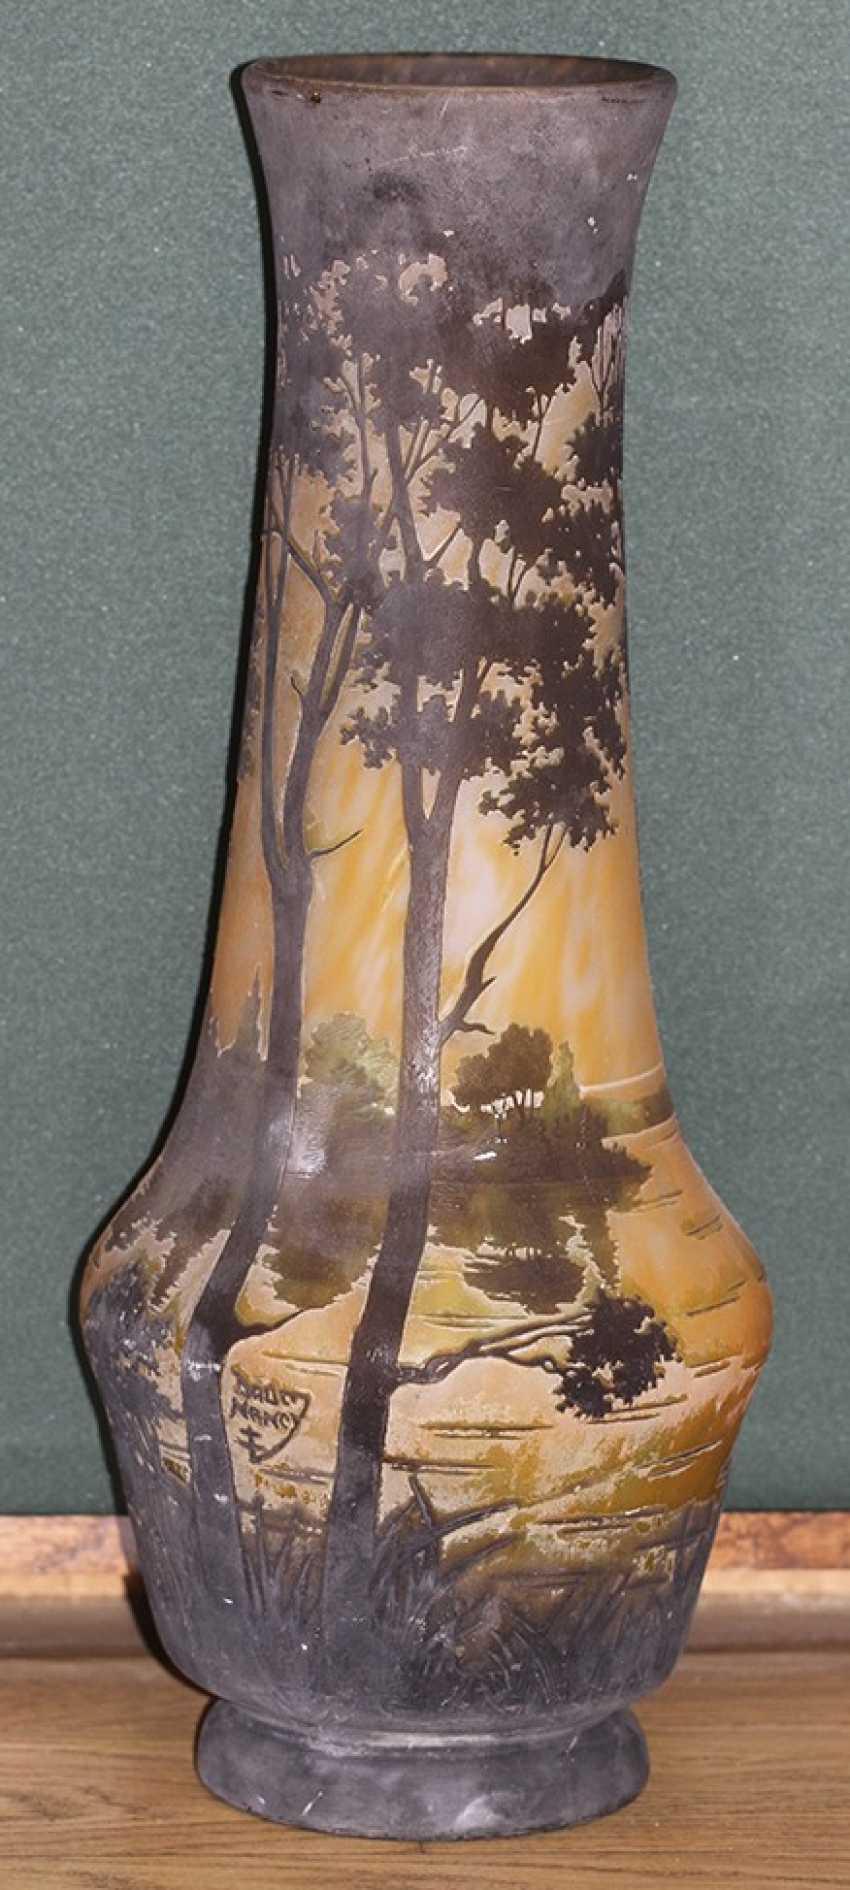 Landscape vase with Daum Nancy, France - photo 1